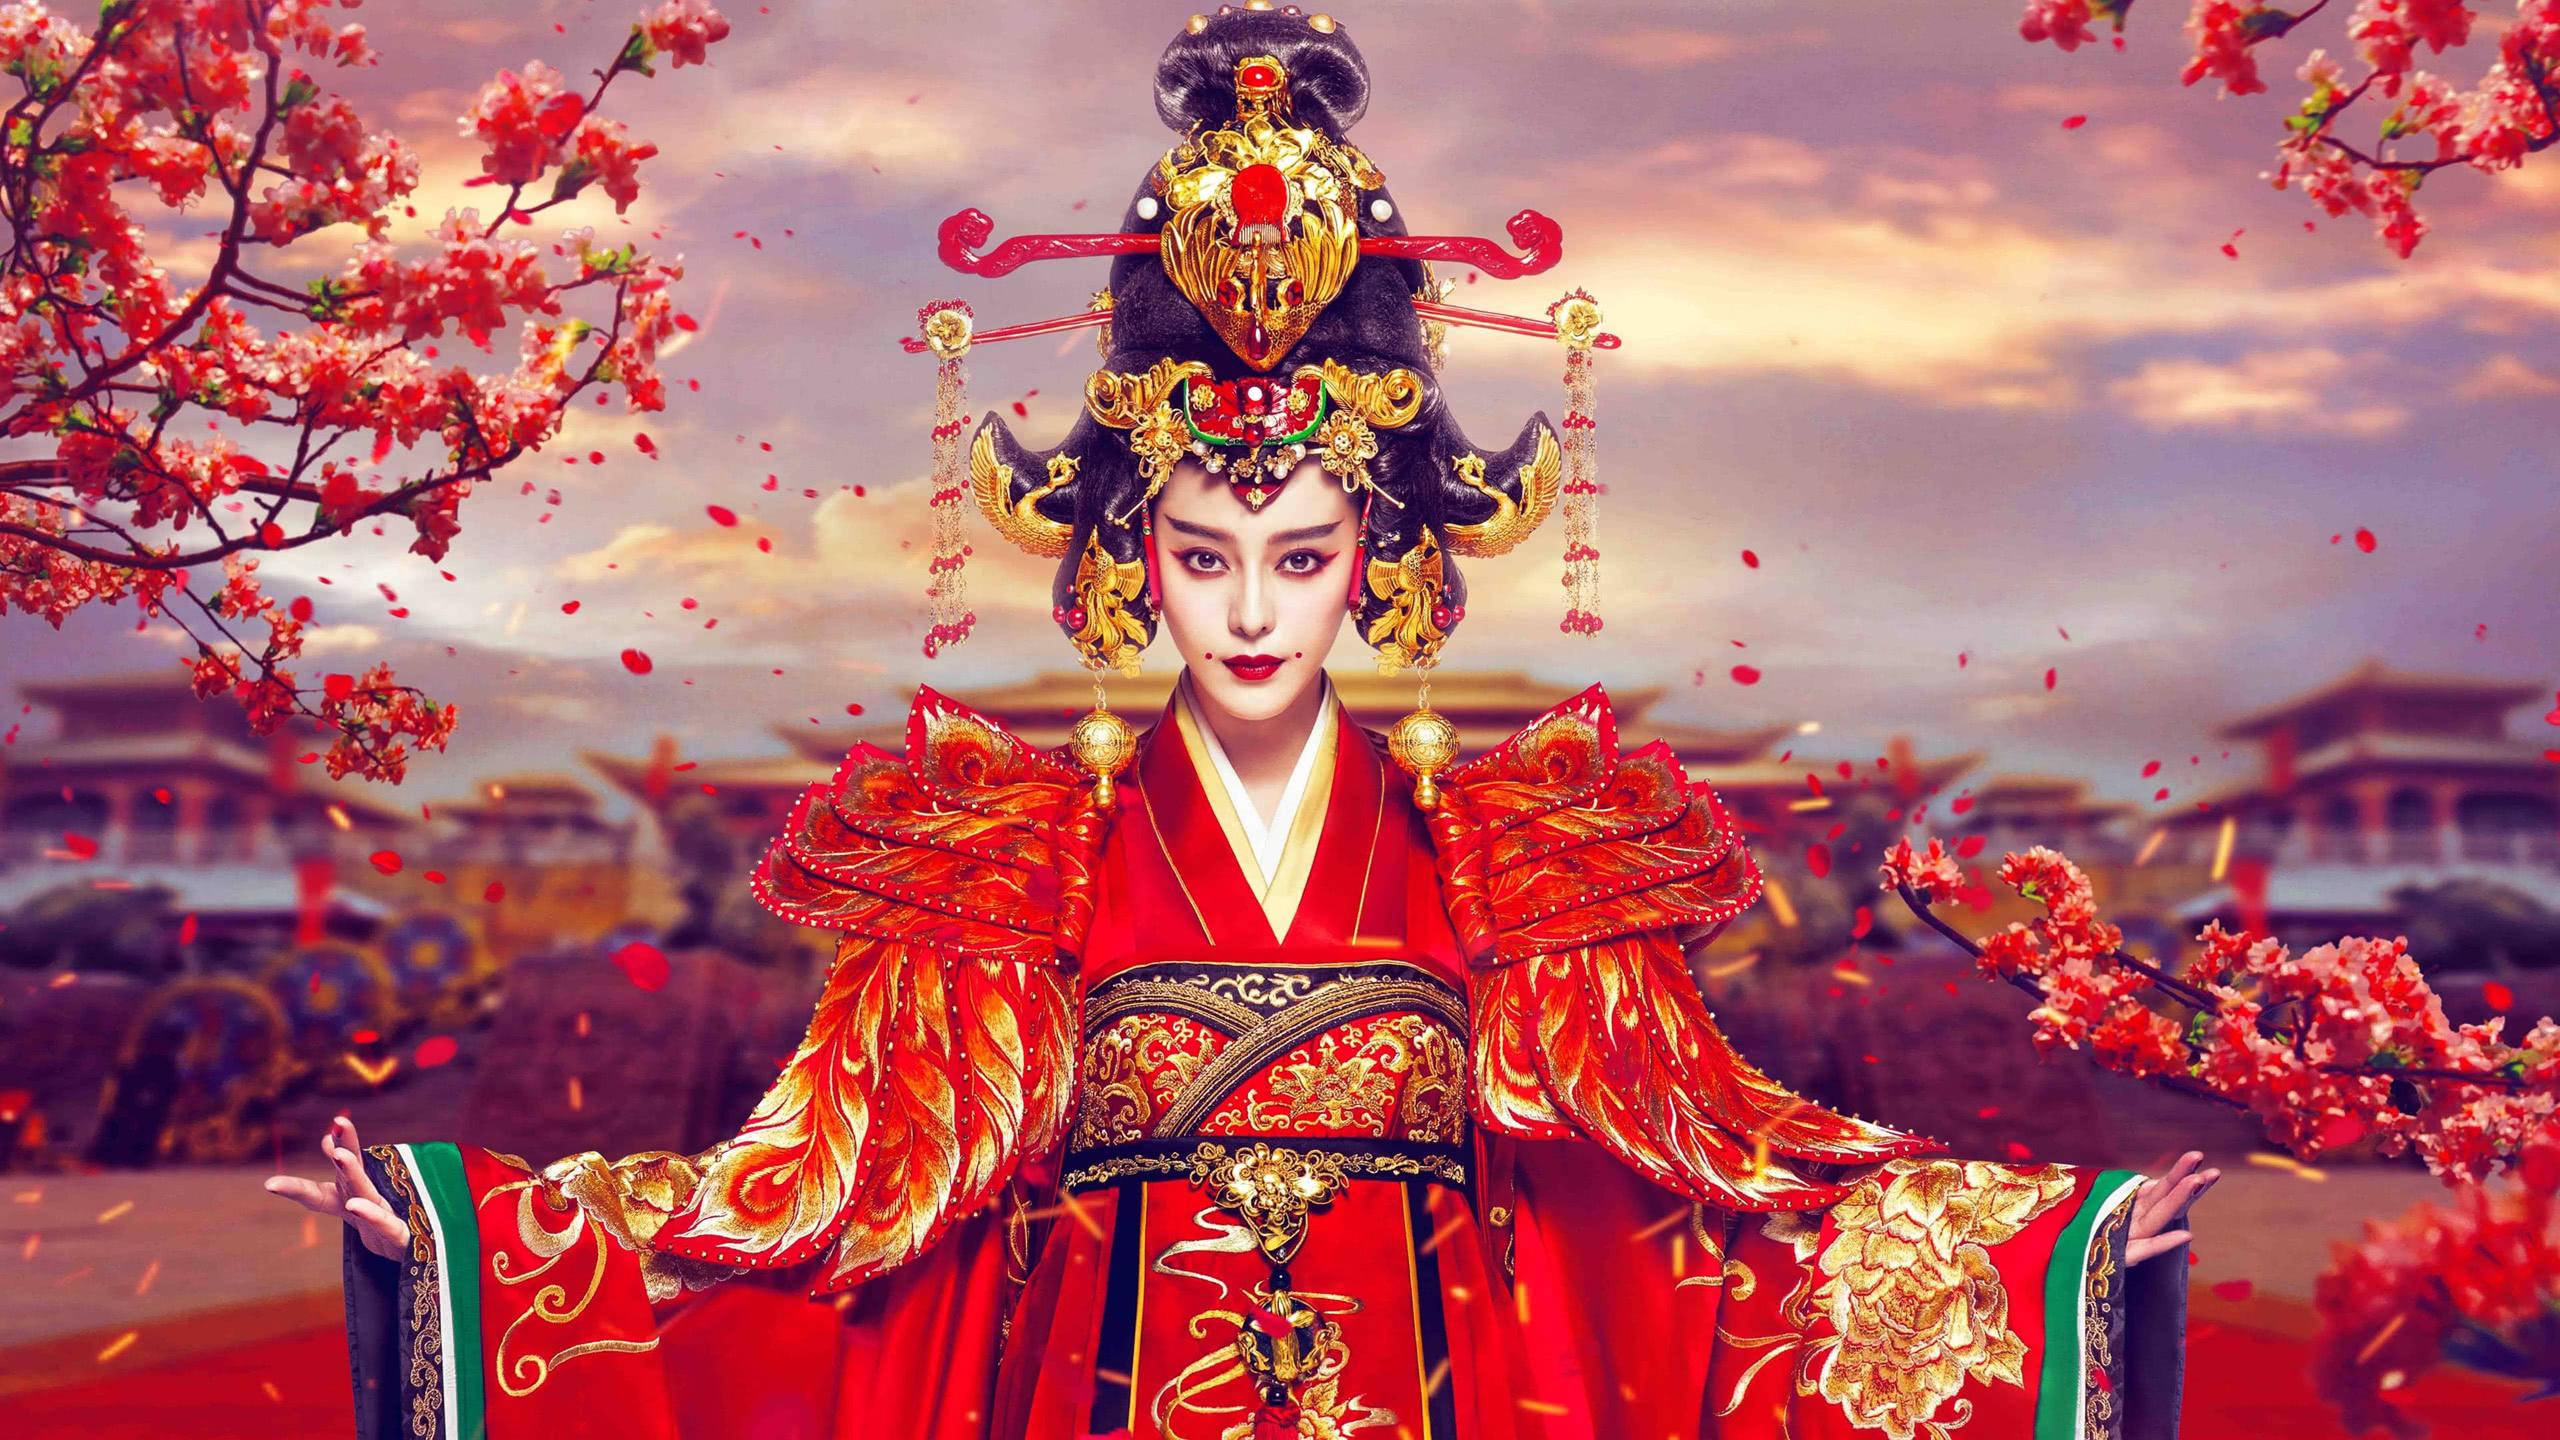 empress of china wu zetian wu mei wqhd 1440p wallpaper